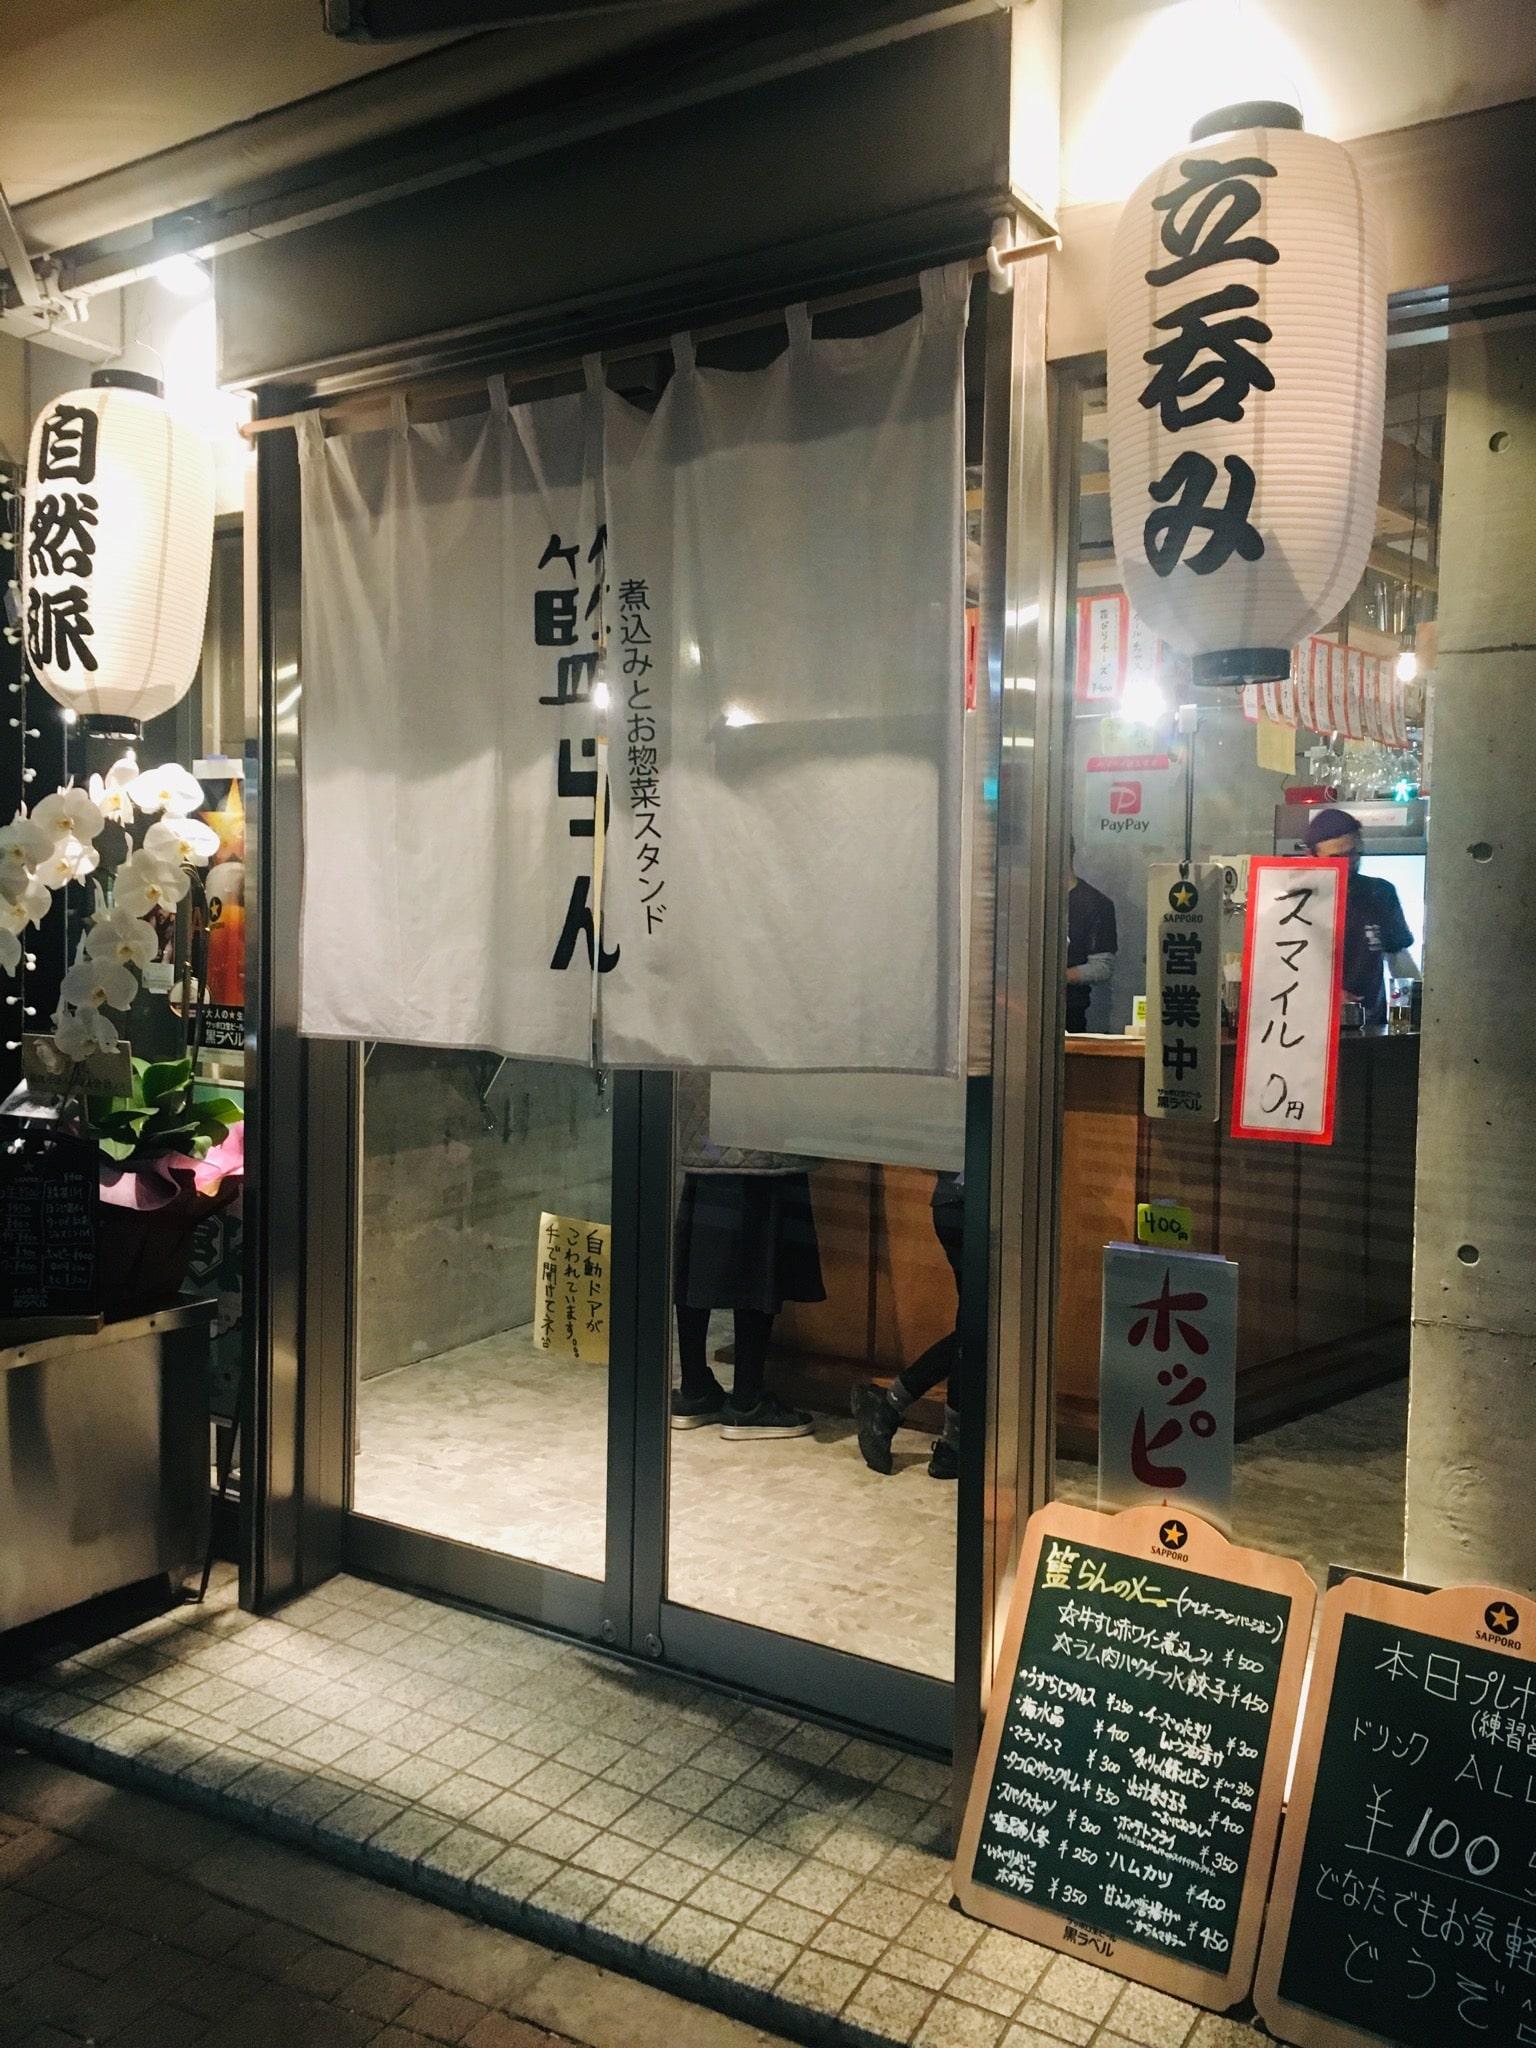 12/3オープン ★魚らんはオシャレな立ち飲み屋★ プレオープンの様子をレポート